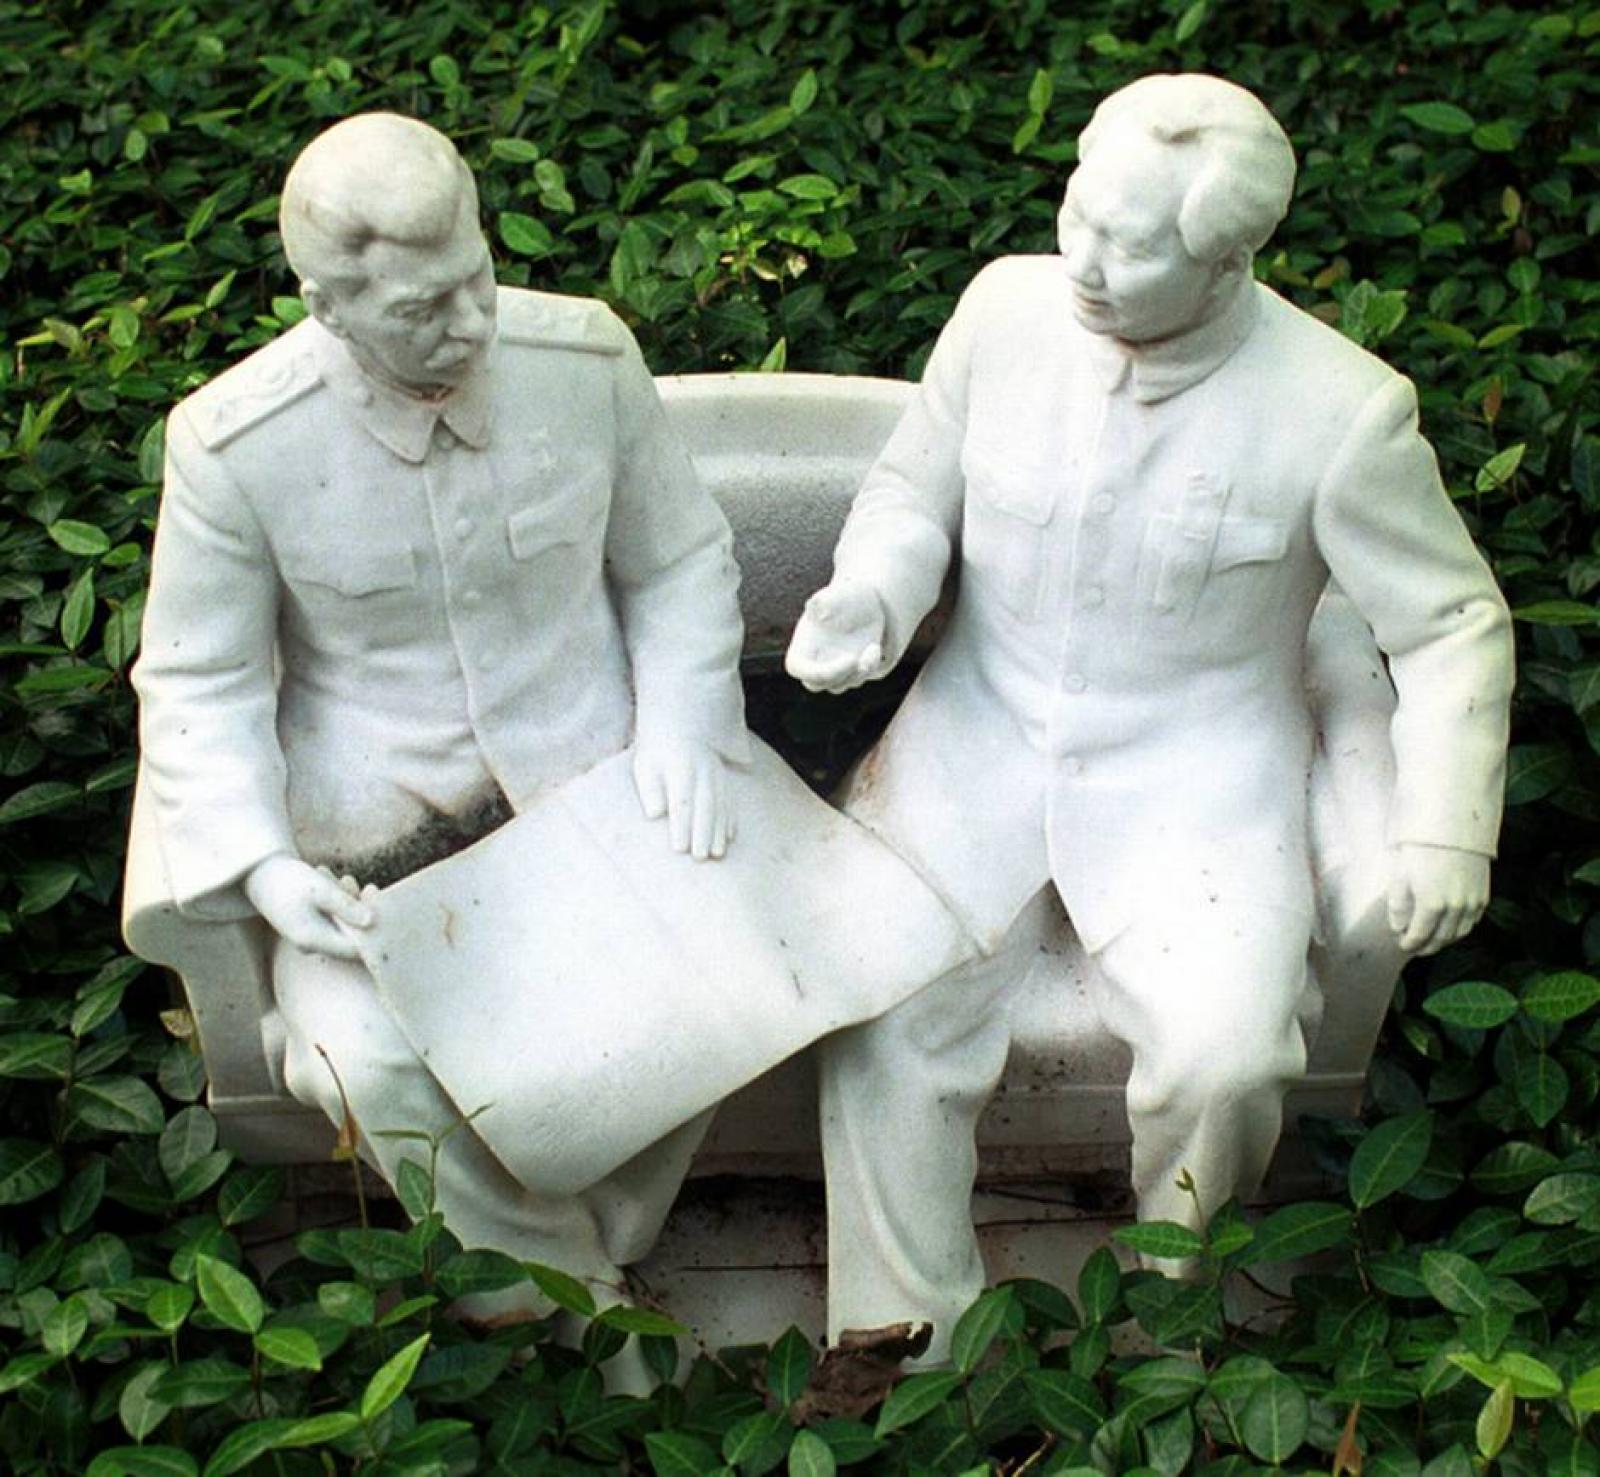 """Statues of Josef Stalin and Mao Zedong in Harlan Crow's """"Gallery of Fallen Dictators"""""""